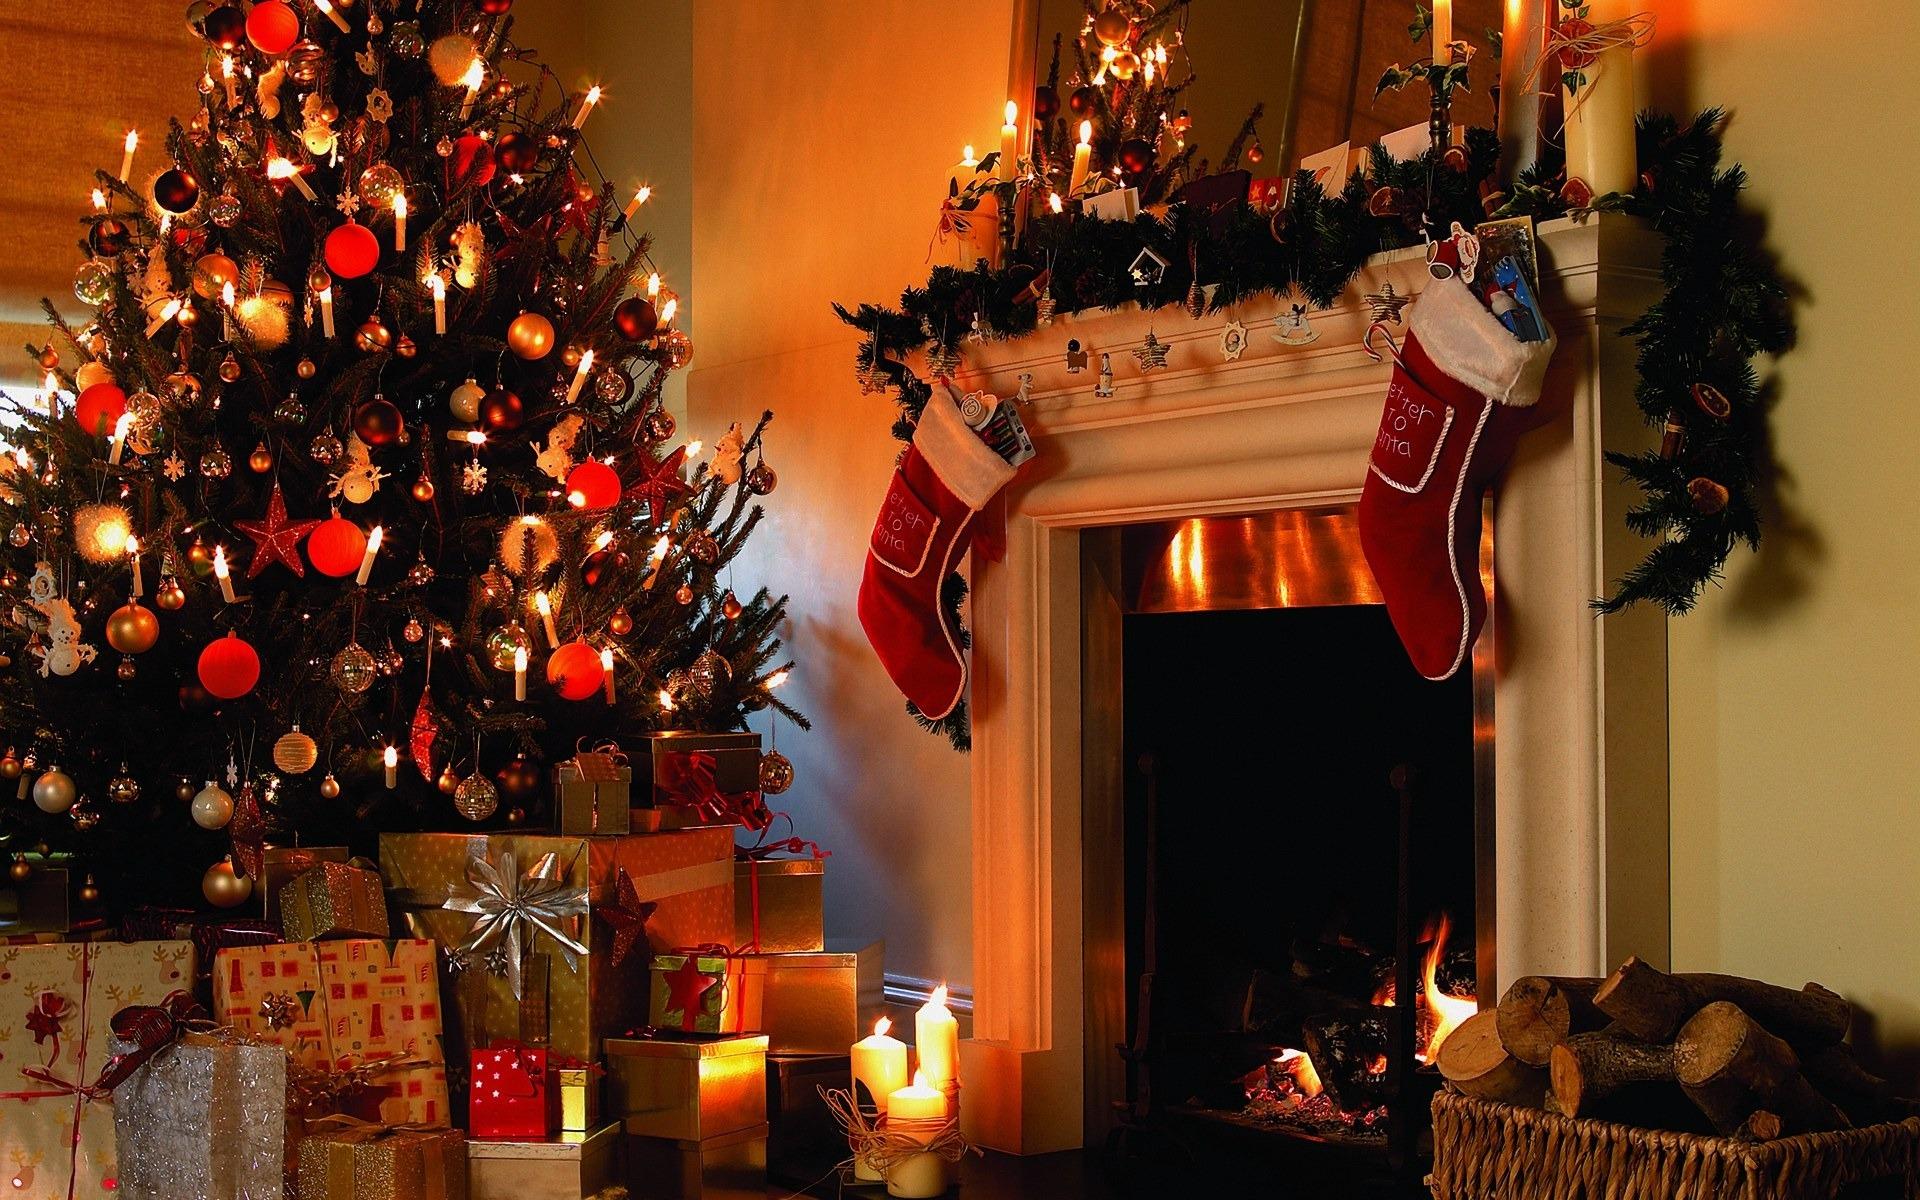 ที่มาของ วันคริสต์มาส เทศการแห่งความสุขของทุกมุมบนโลก